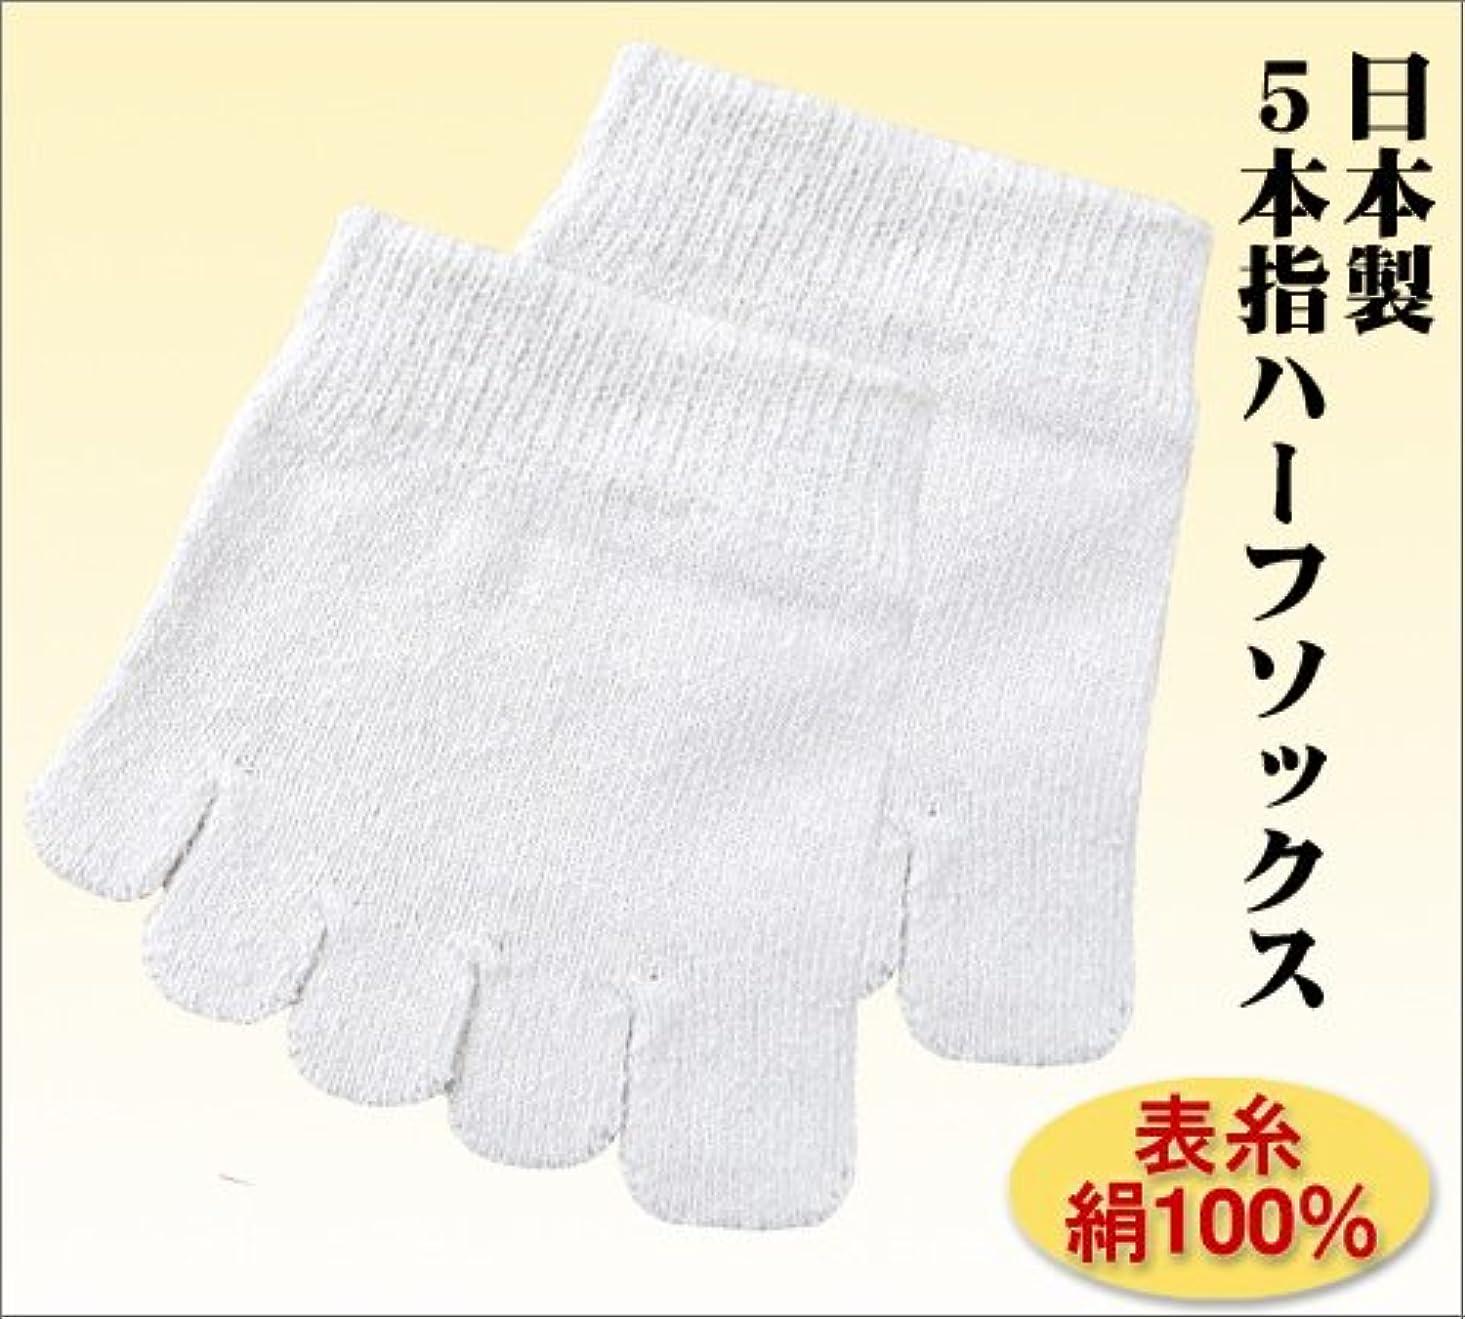 にやにや構成代数的日本製 天然シルク5本指ハーフソックス 表糸絹100% 快適な指先ソックス (紳士用 黒色2足組)